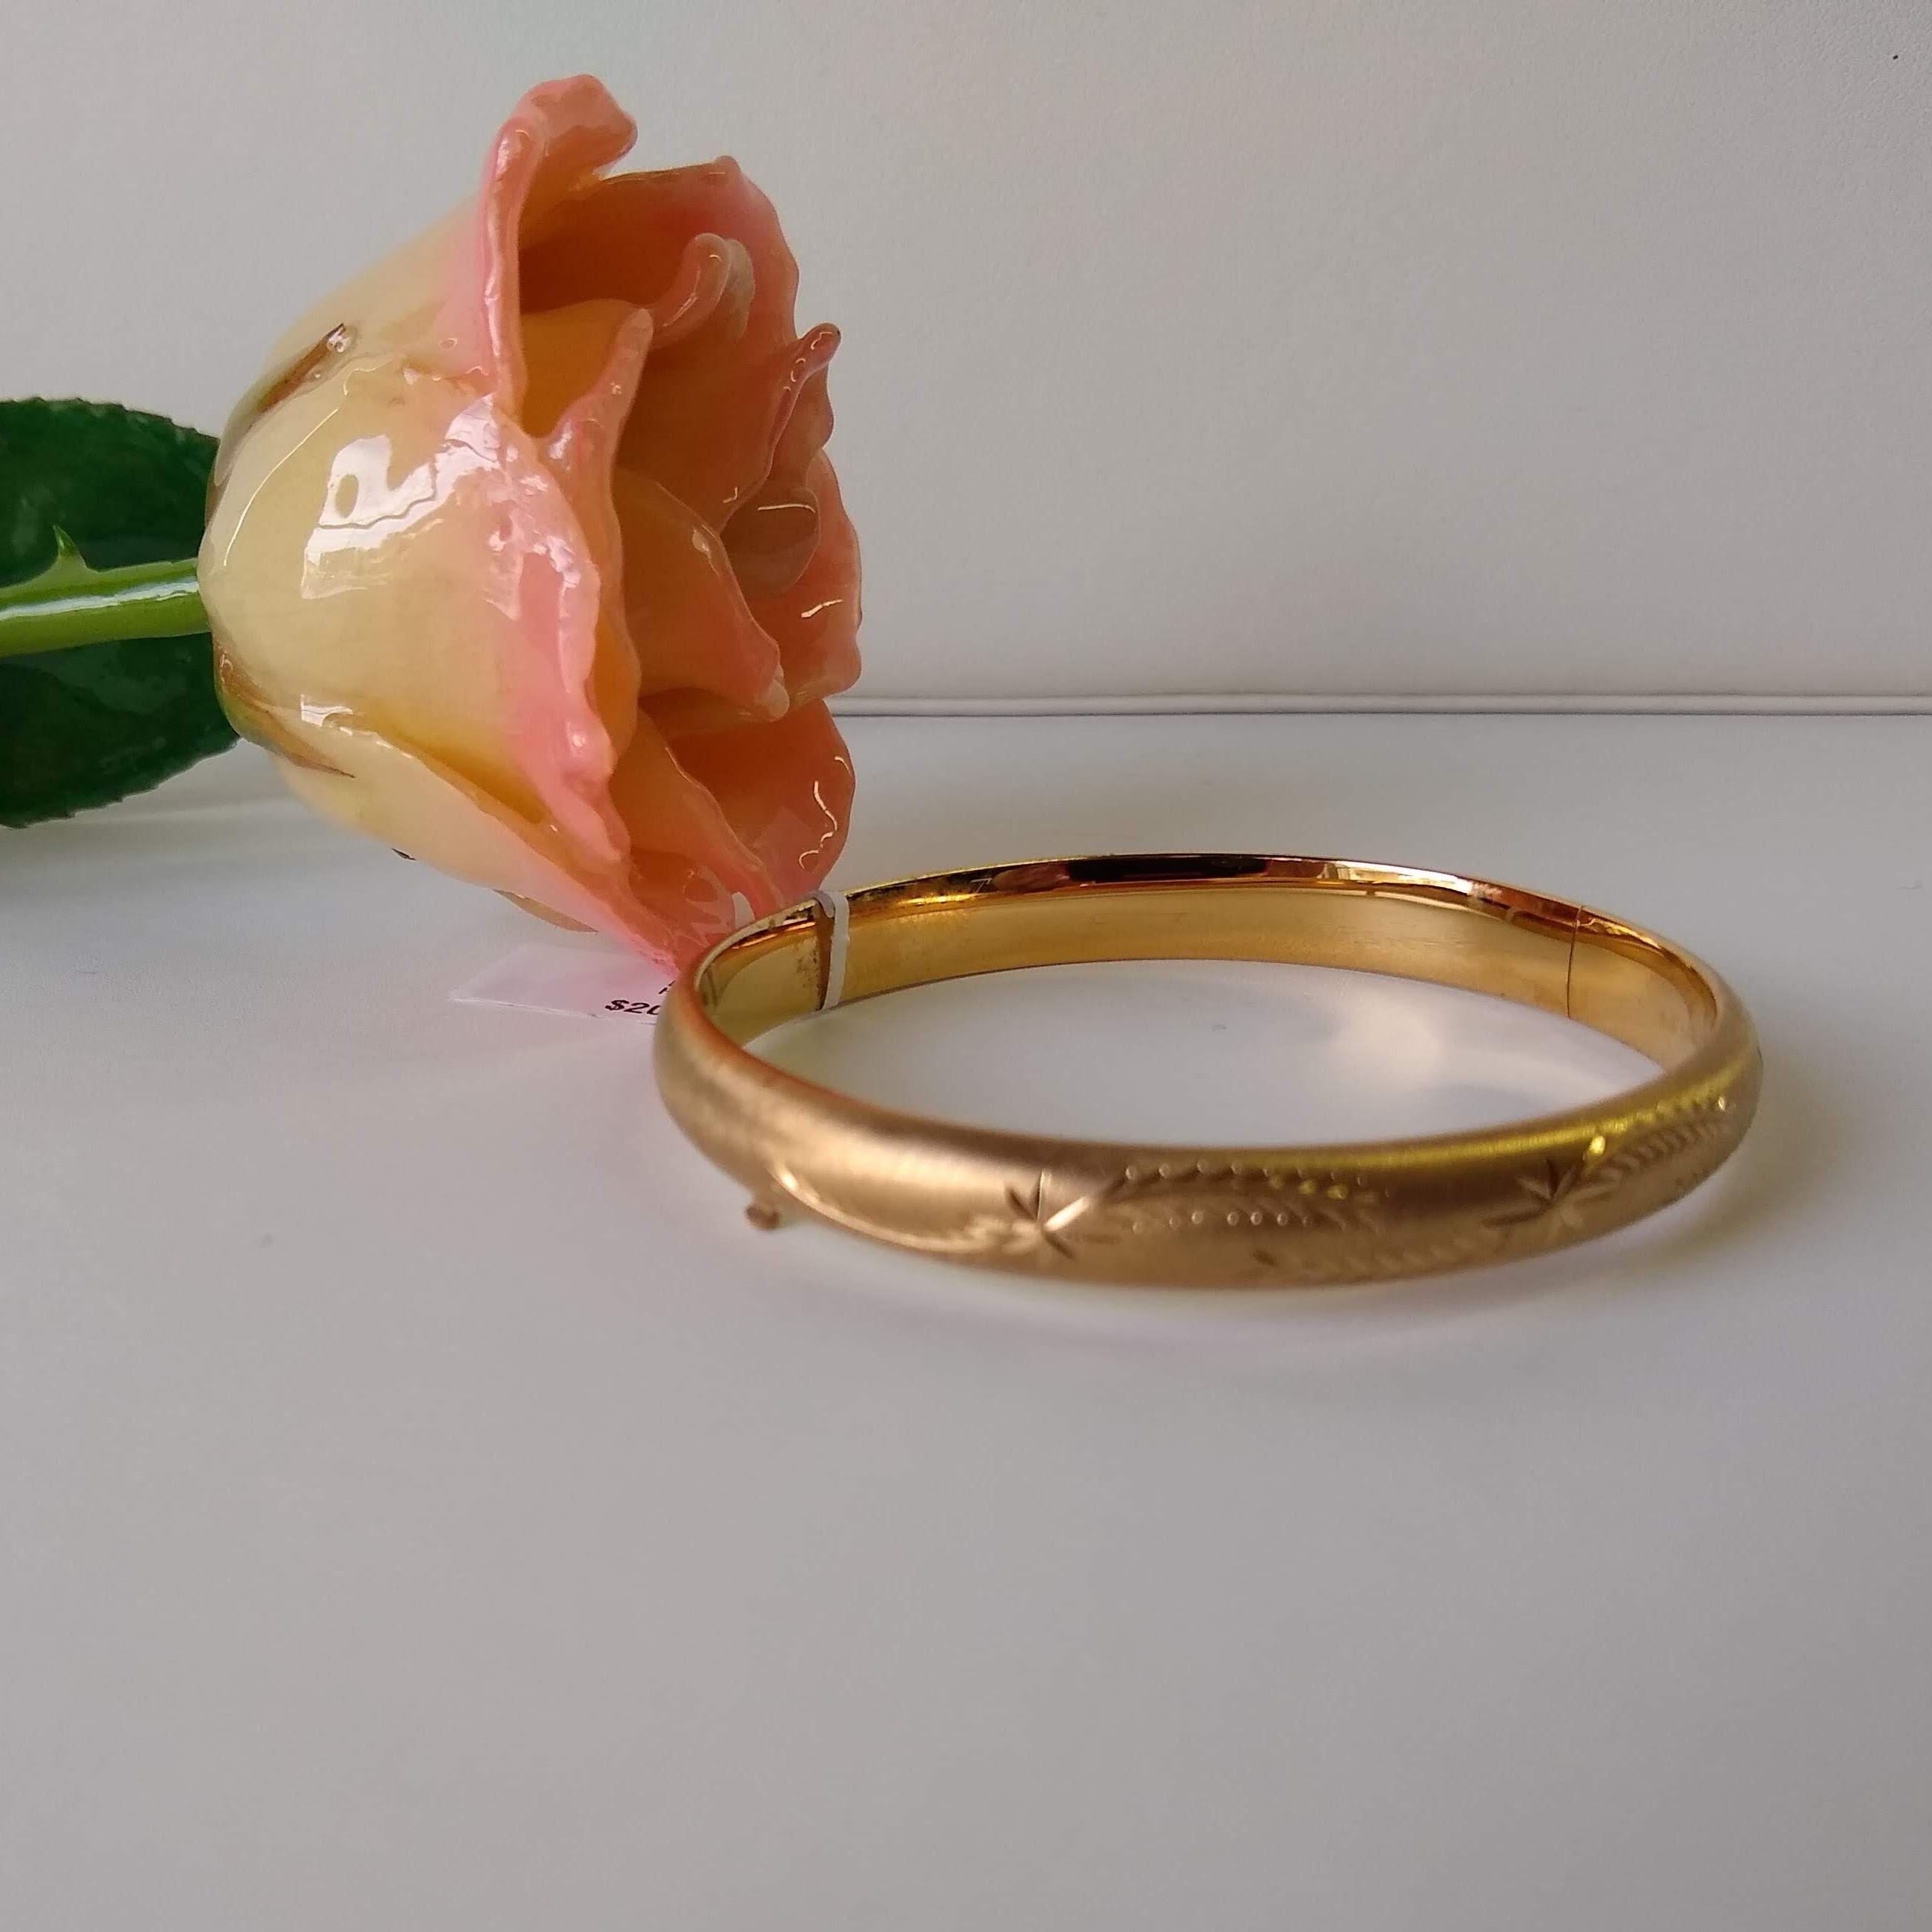 14k goldfilled handengraved hinged bangle bracelet. 8mm